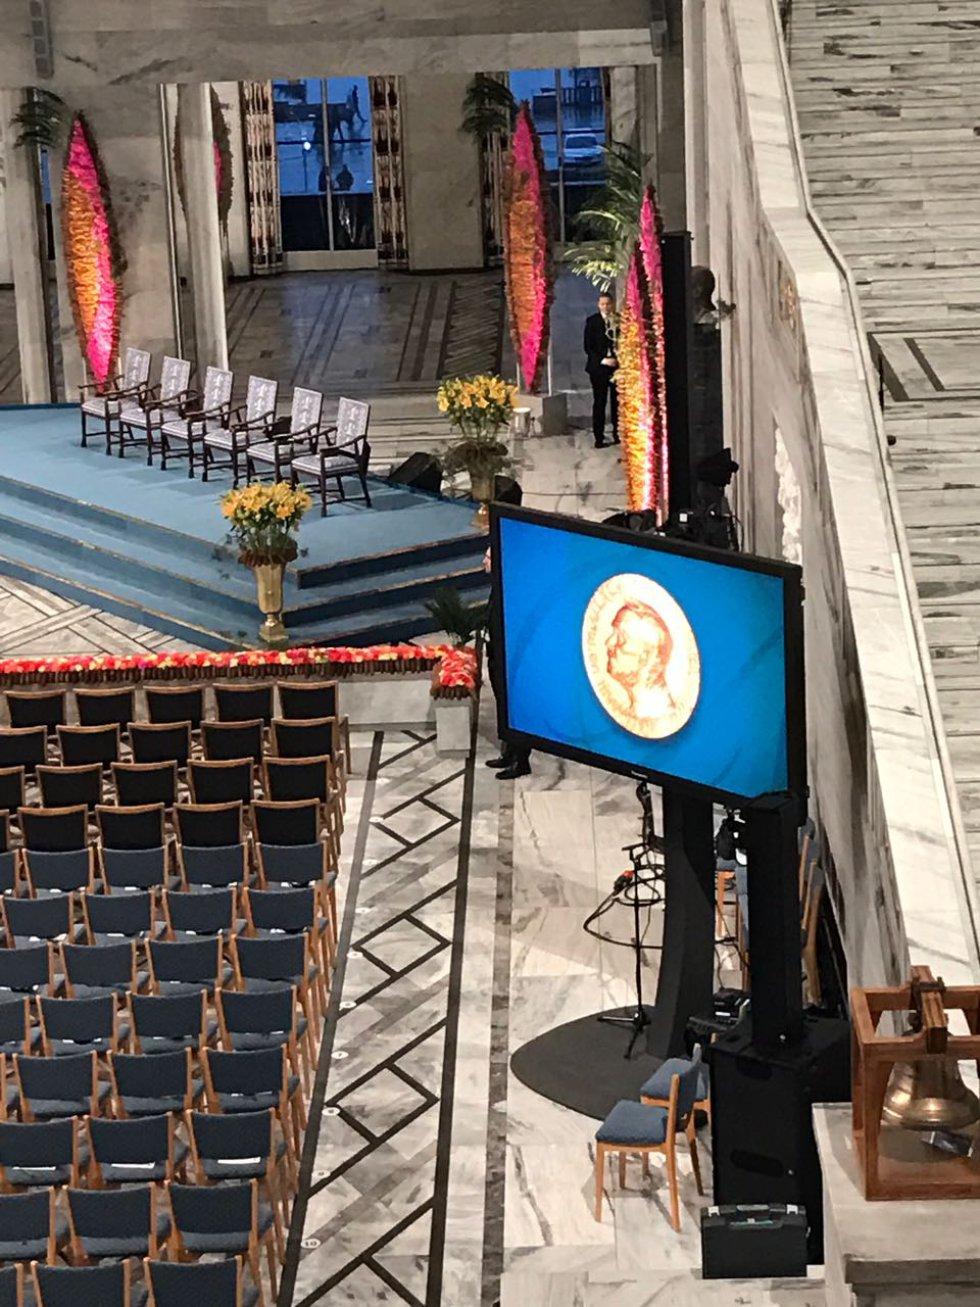 Cinco días después de que los colombianos dieran el 'No' a los acuerdos, el Comité Nobel noruego premió a principios de octubre el papel de Santos